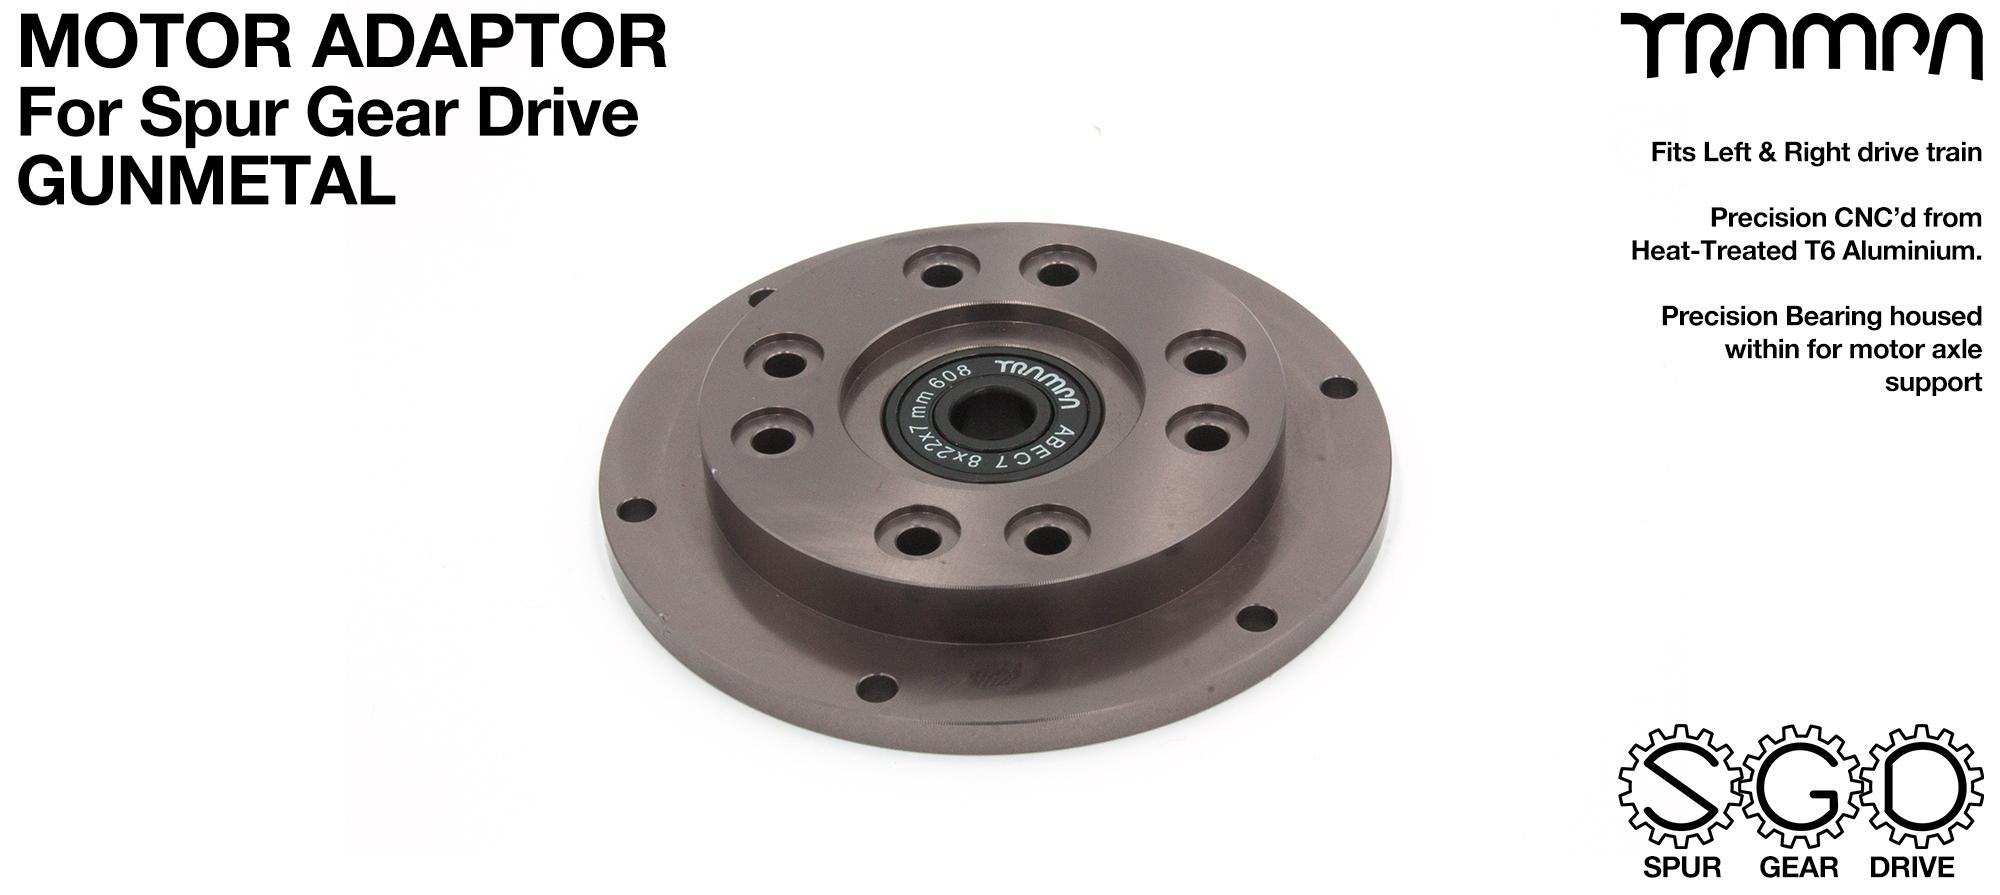 SPUR Gear Drive Motor Adaptor GUNMETAL